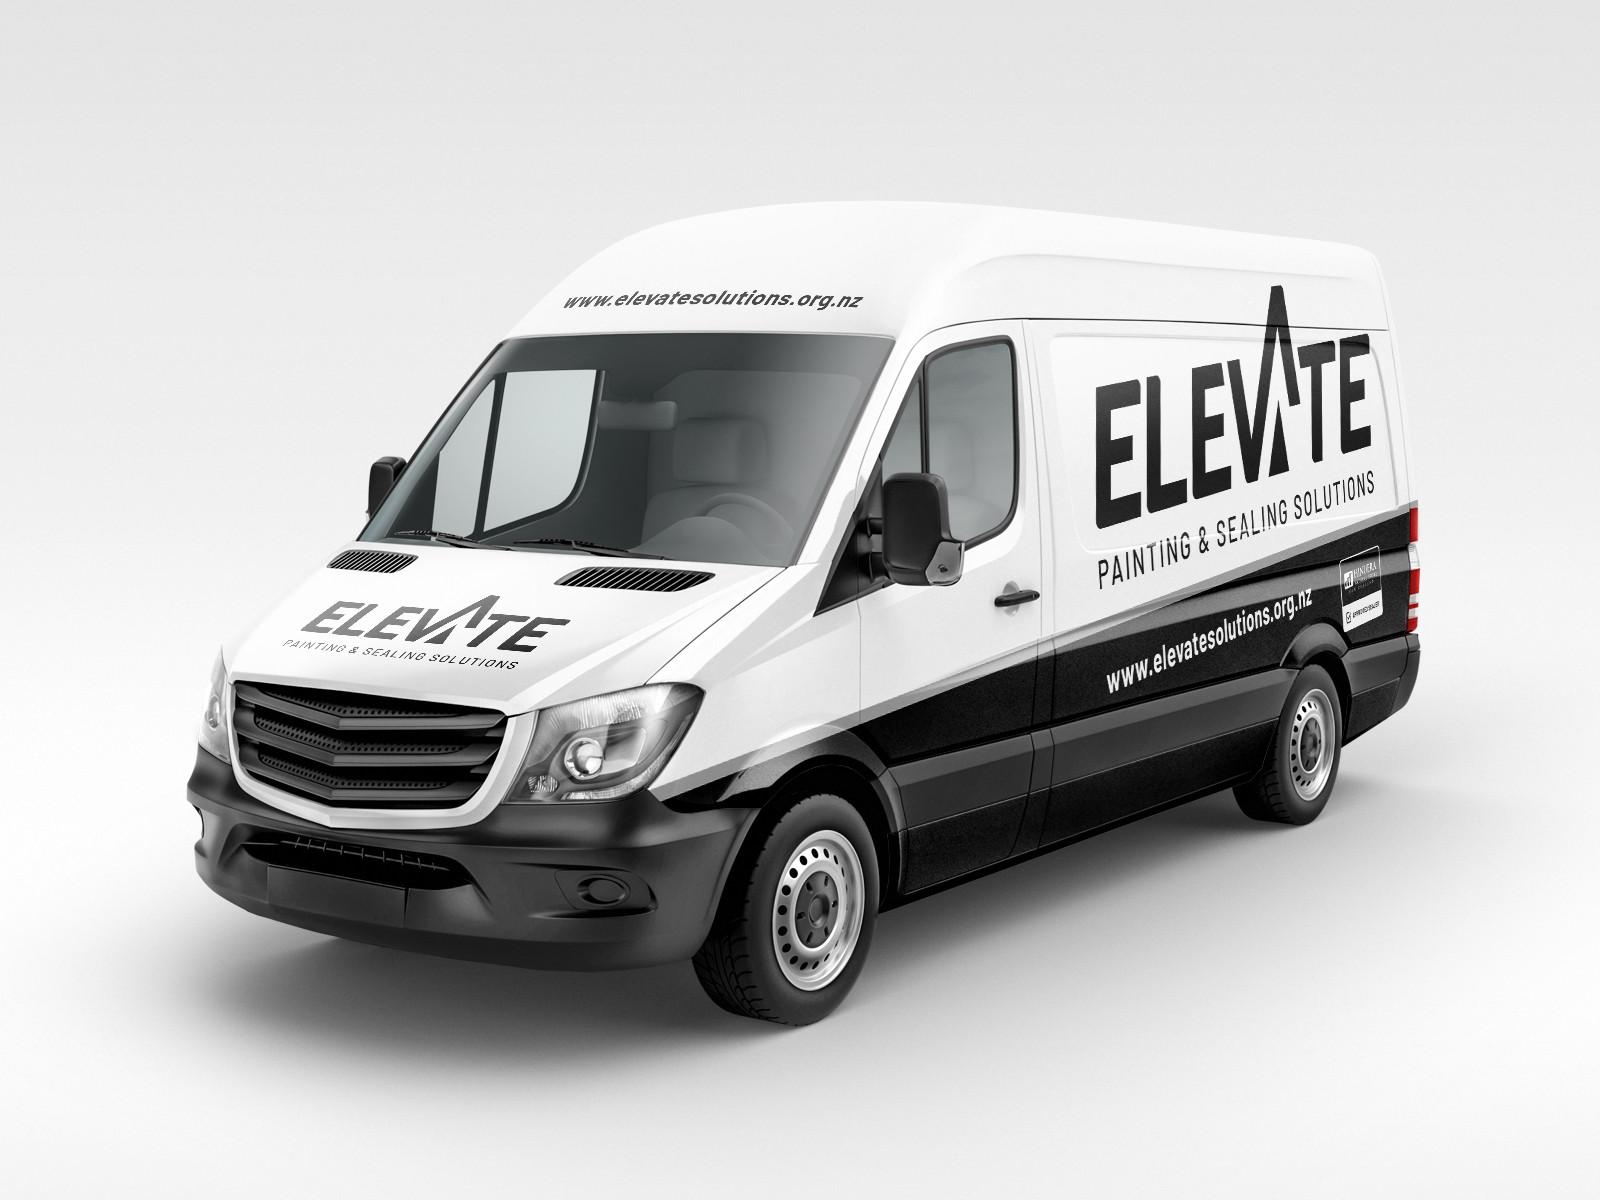 elevate_solutions_vehicle_mock_1.jpg